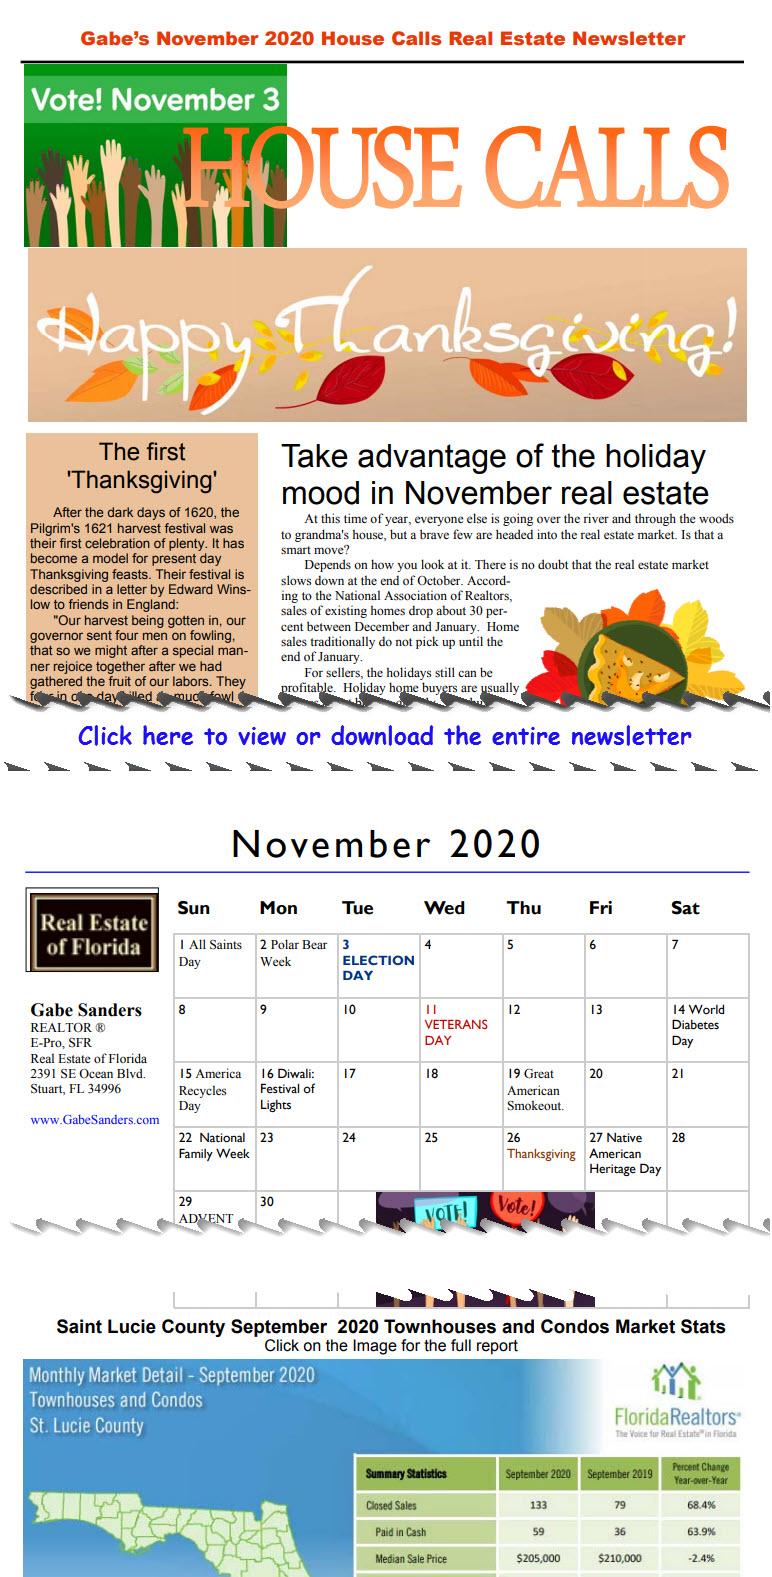 Gabe's November 2020 House Calls Real Estate Newsletter